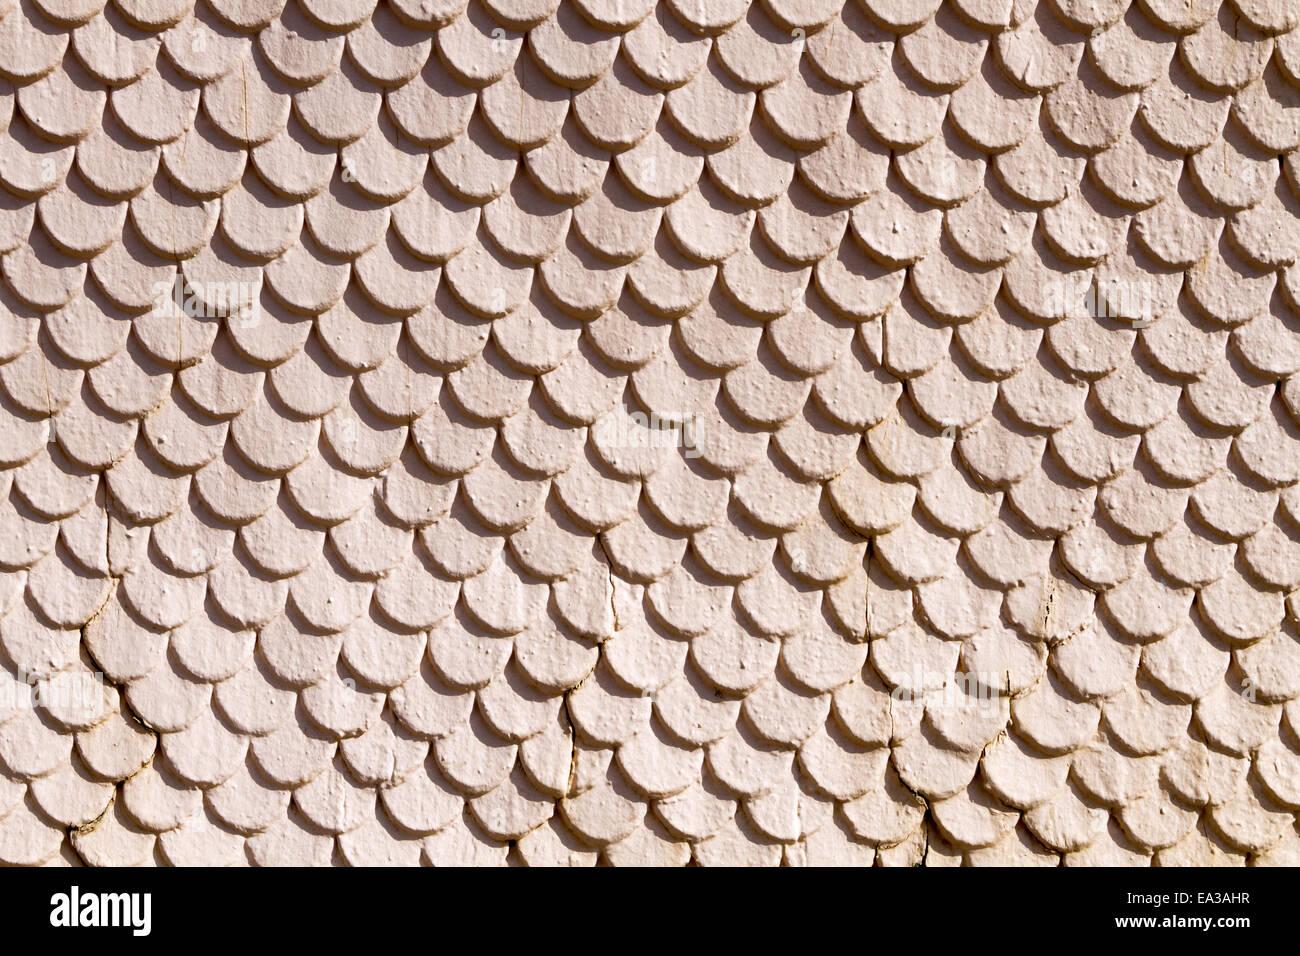 wooden shingles Stock Photo